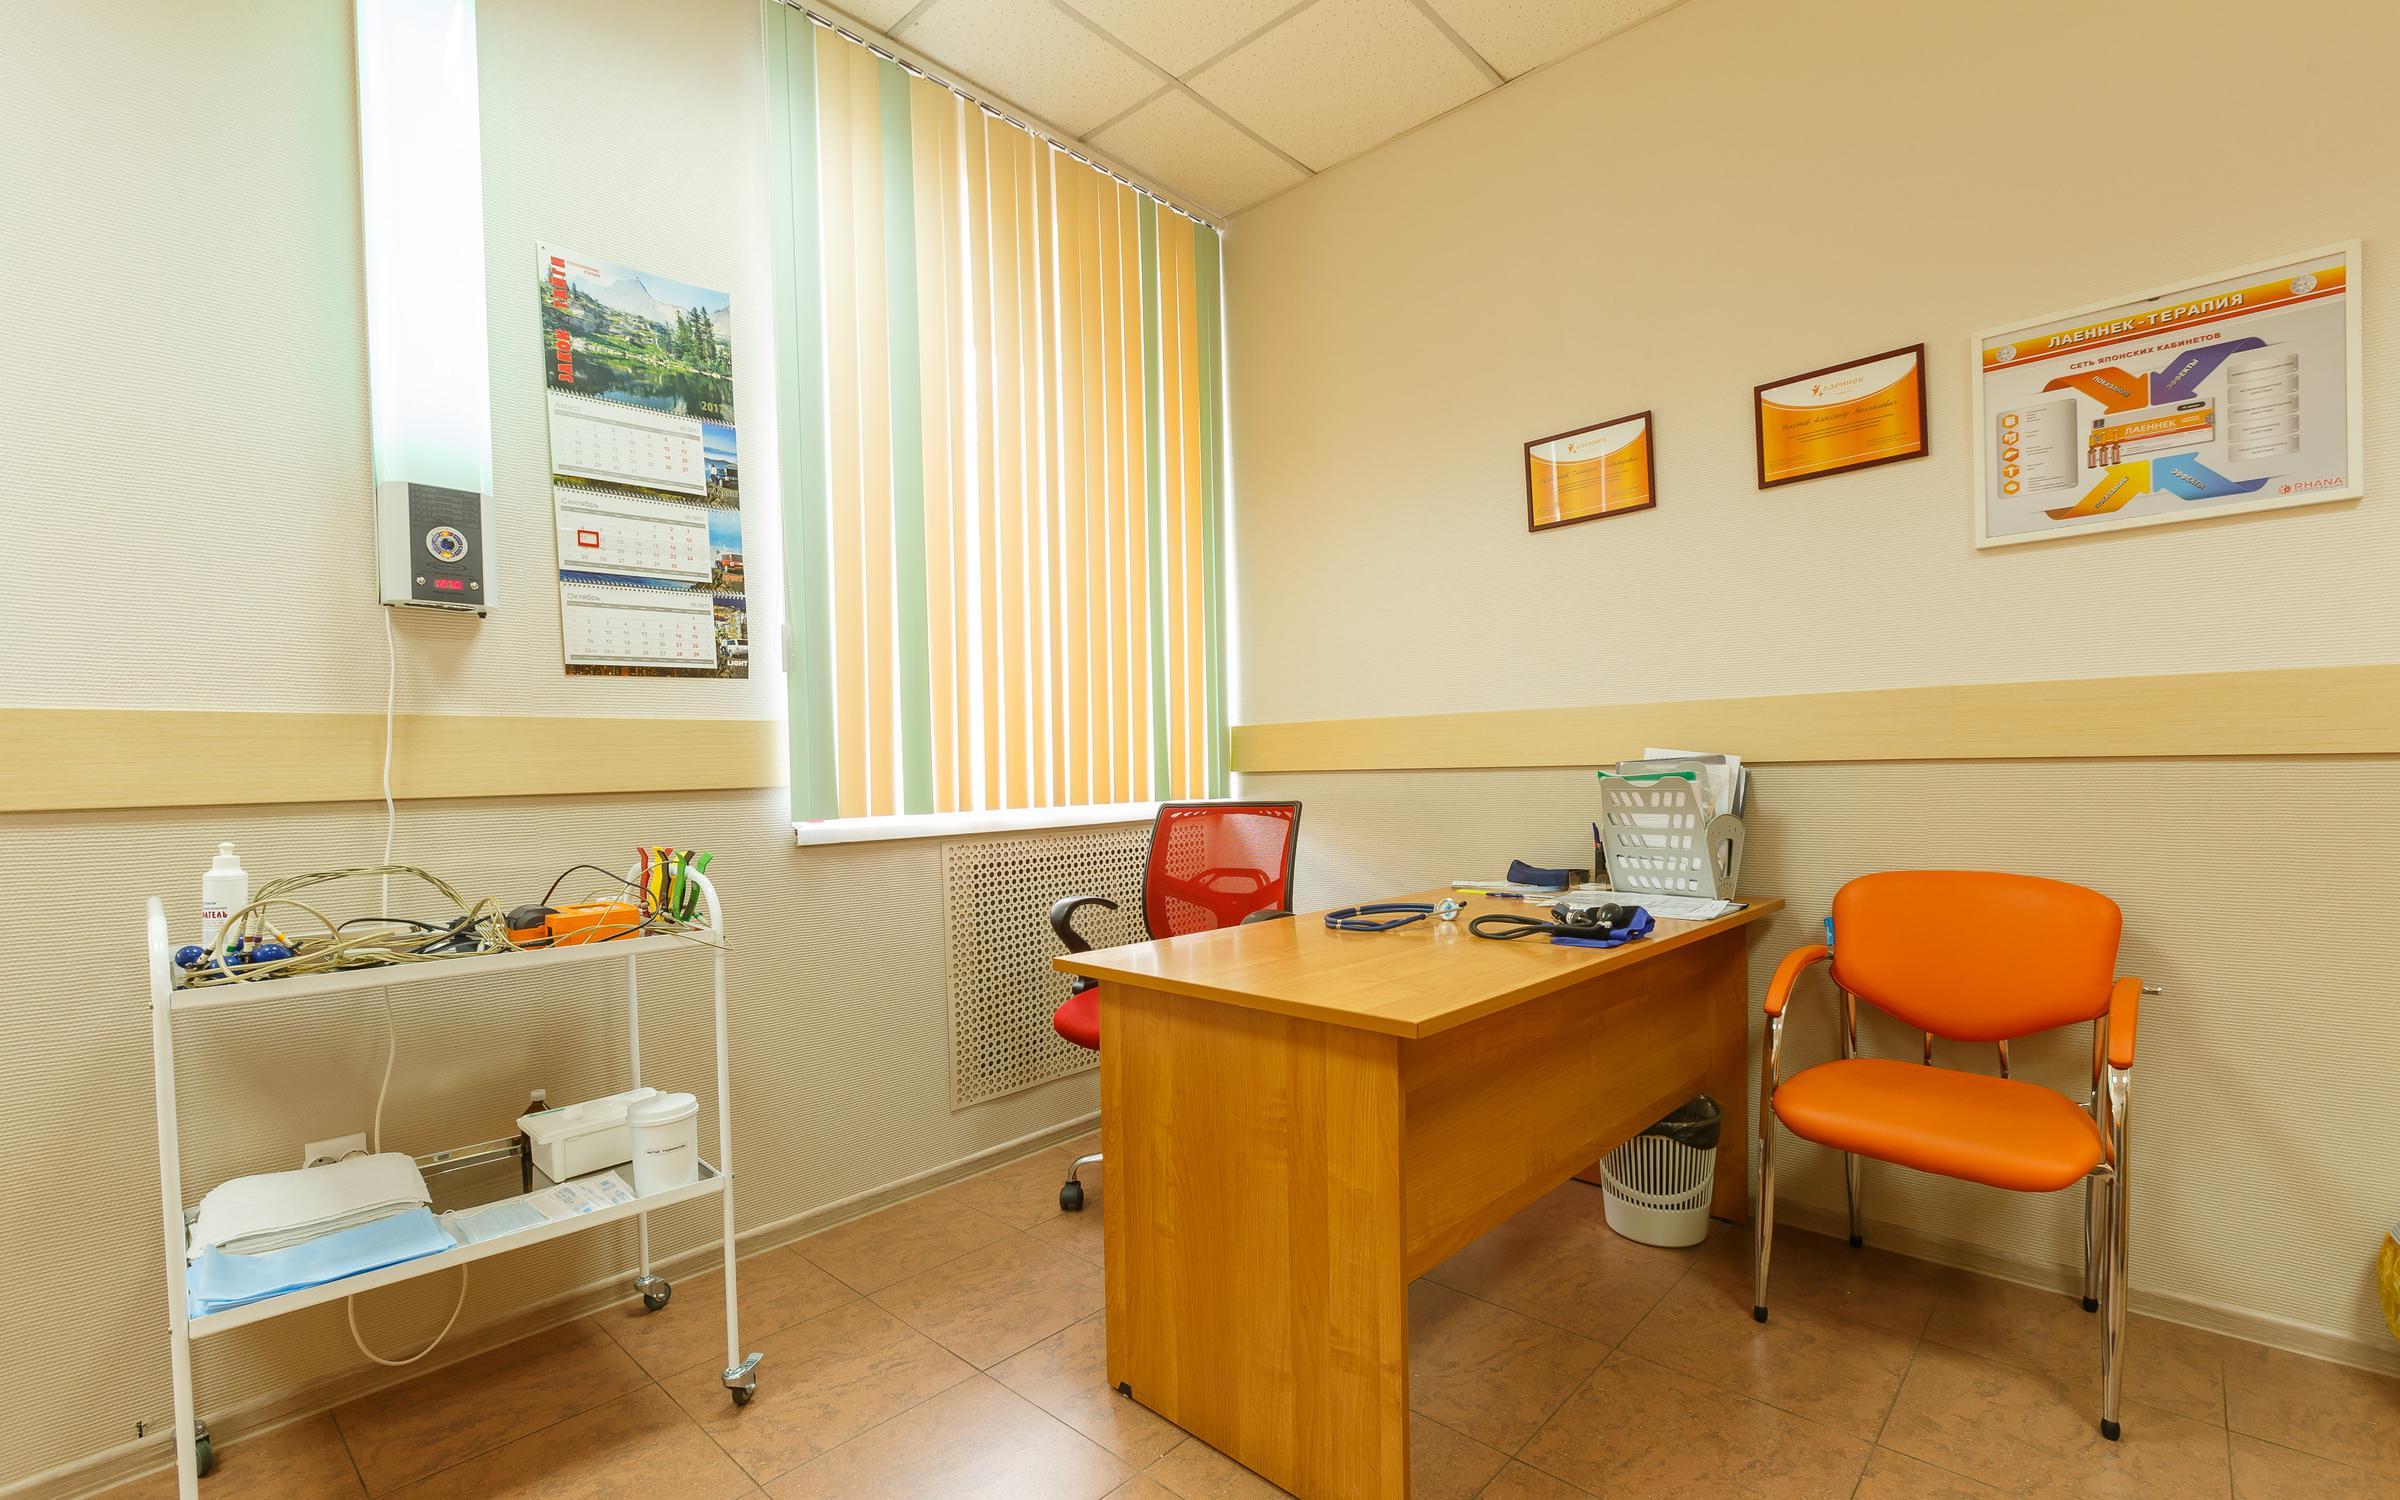 фотография Краевой лечебно-диагностический центр